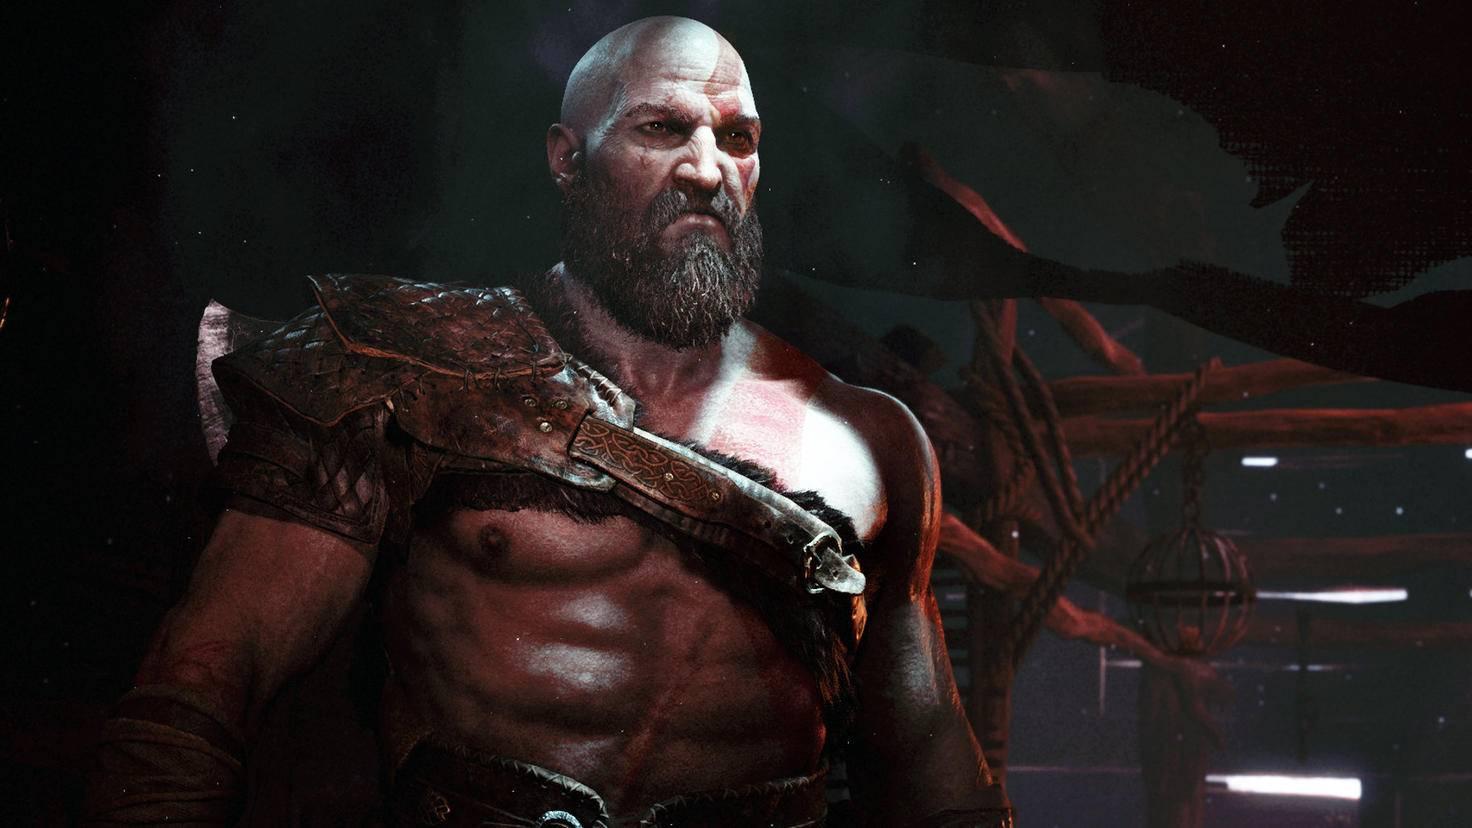 Kratos' Zeit in Niflheim ist begrenzt. Um mehr Nebelechos zu sammeln, muss er daher immer neue Anläufe starten.